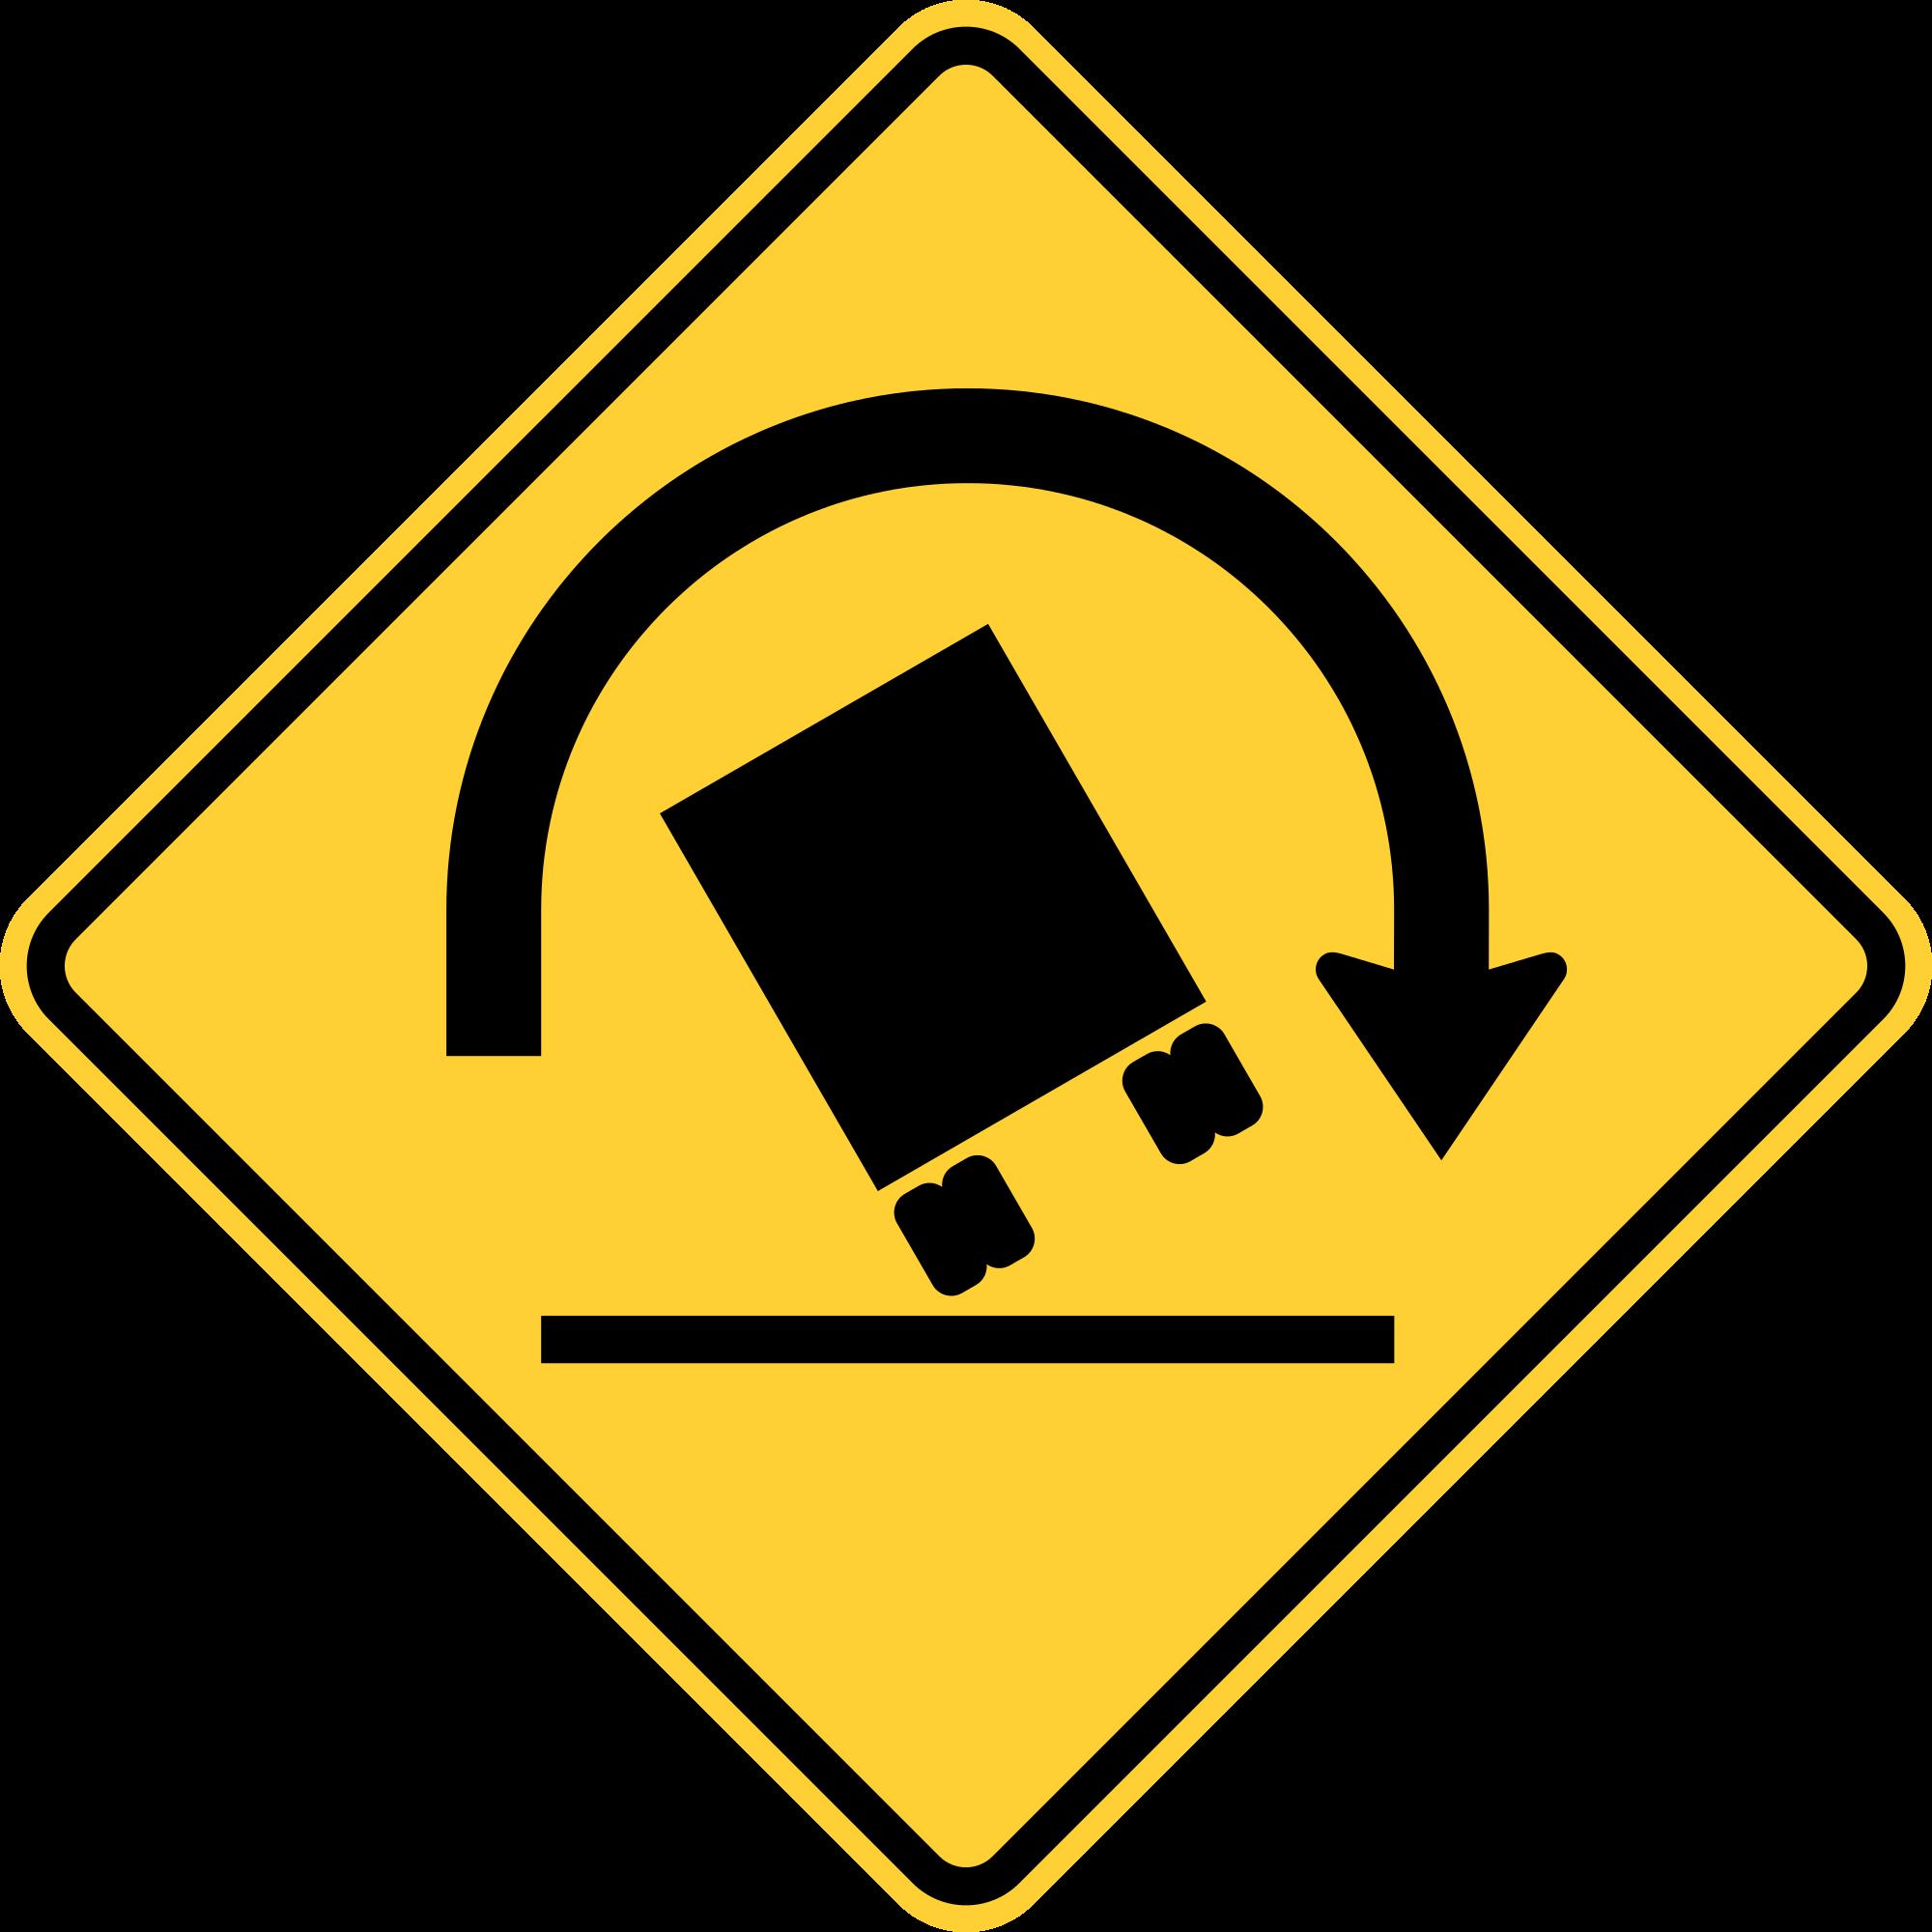 W1-13 TRUCK ROLLOVE